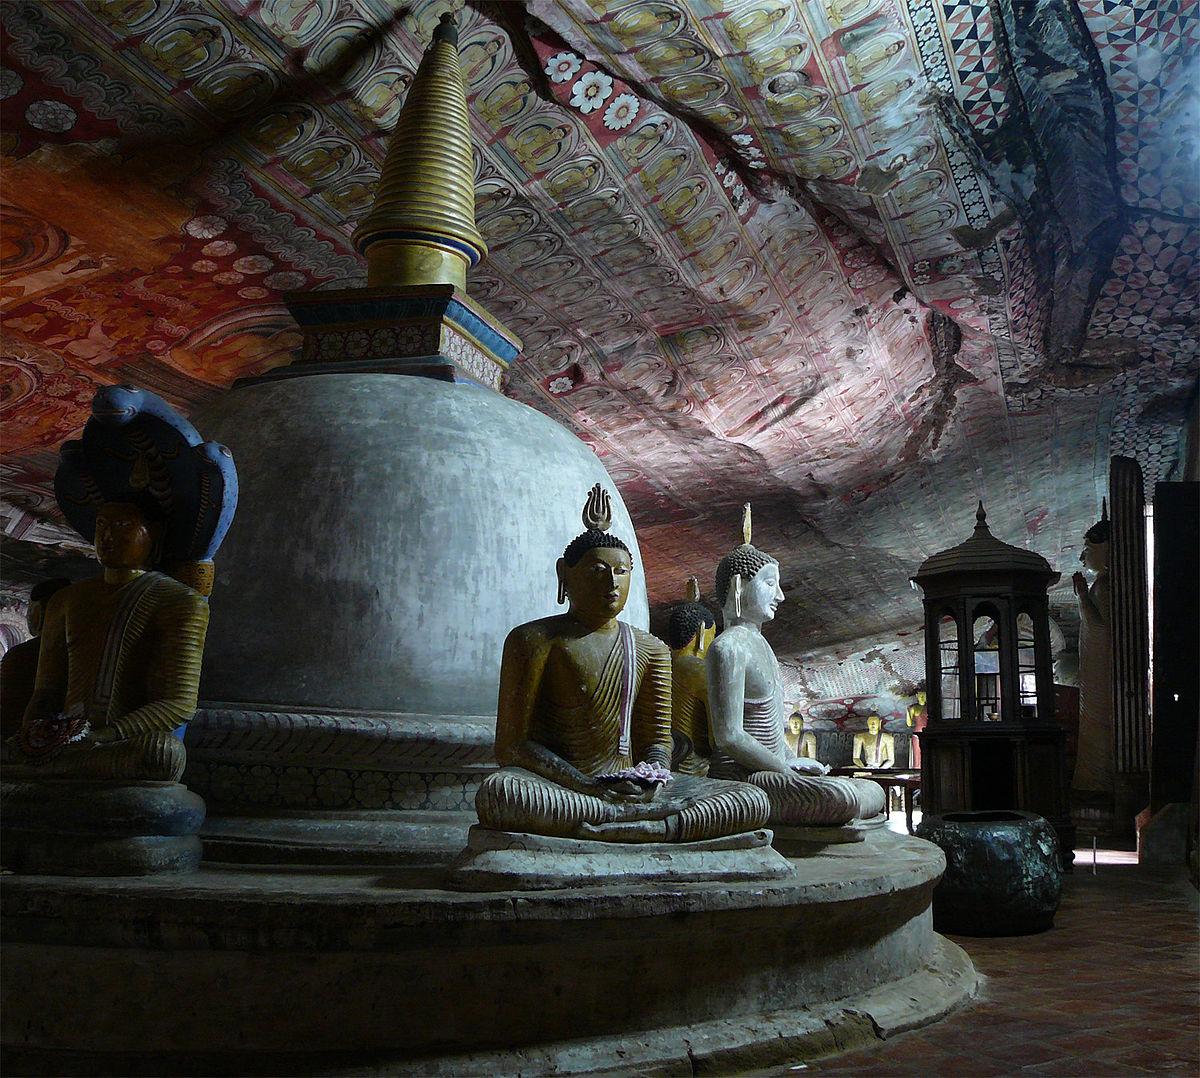 ダンブッラのストゥーパと釈迦坐像